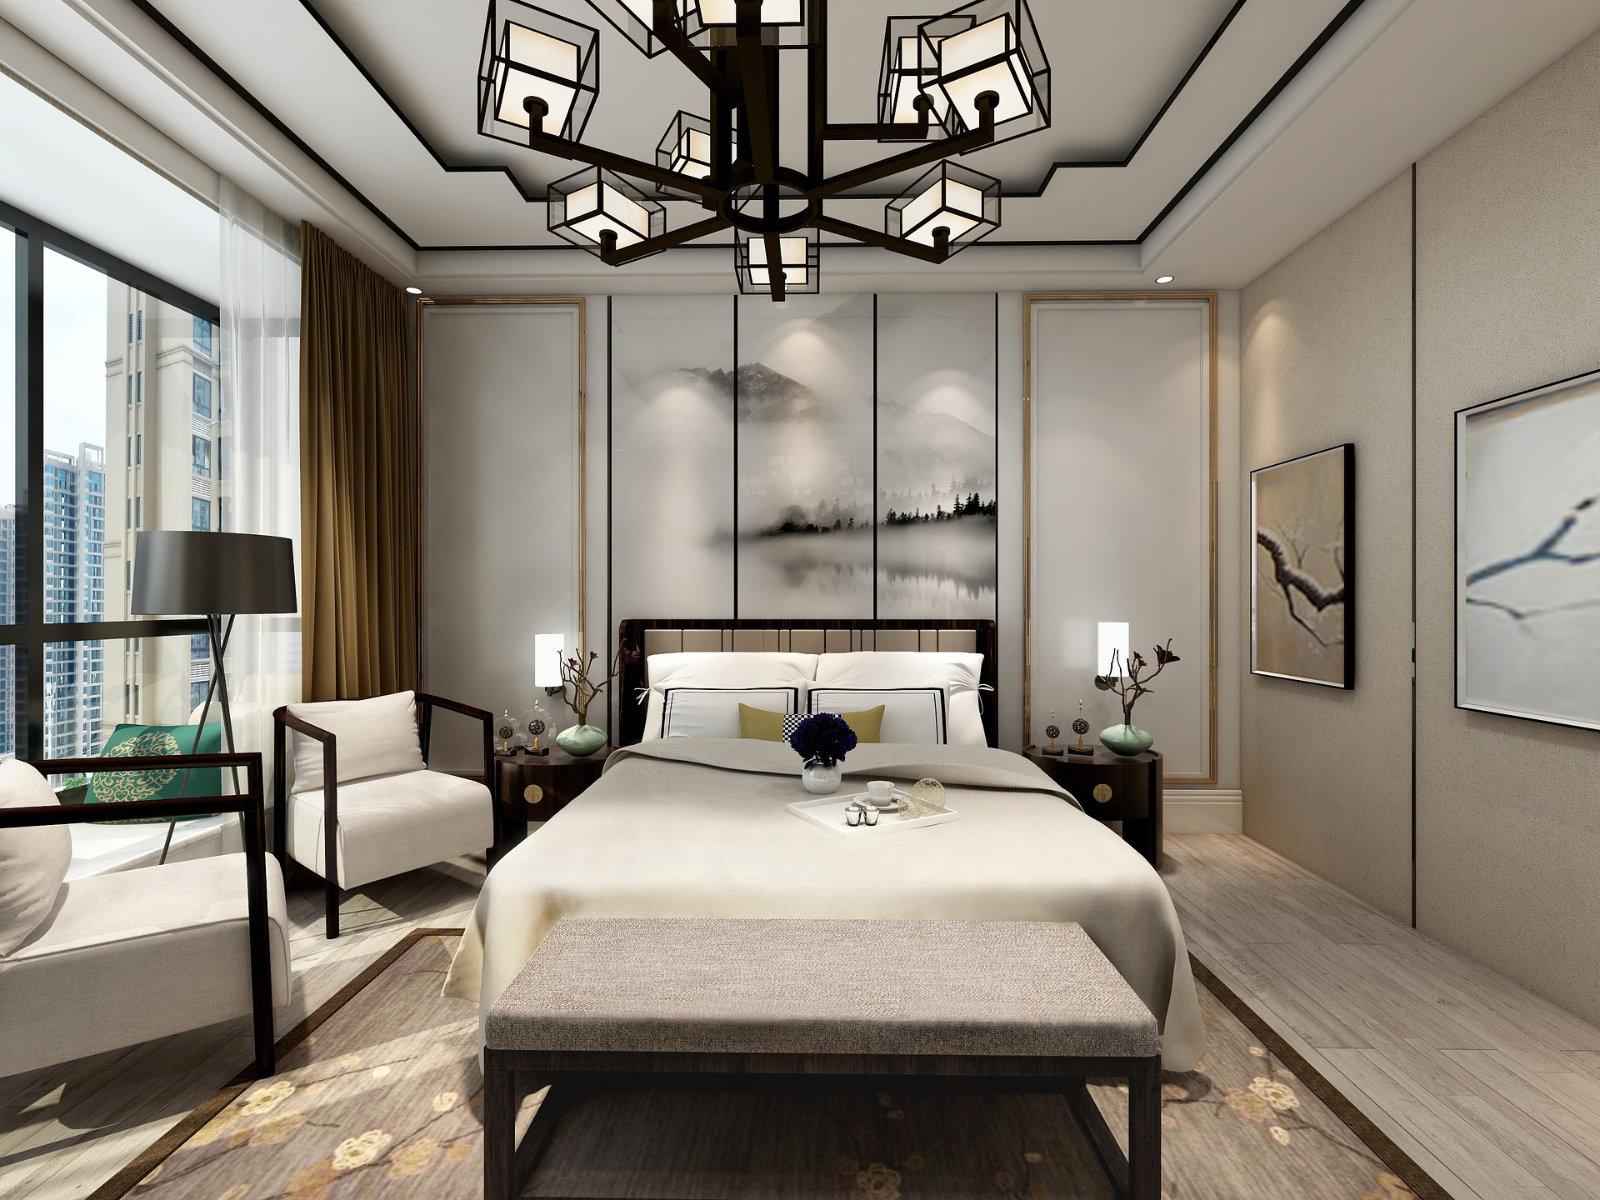 zen-bedroom-b&w.jpg